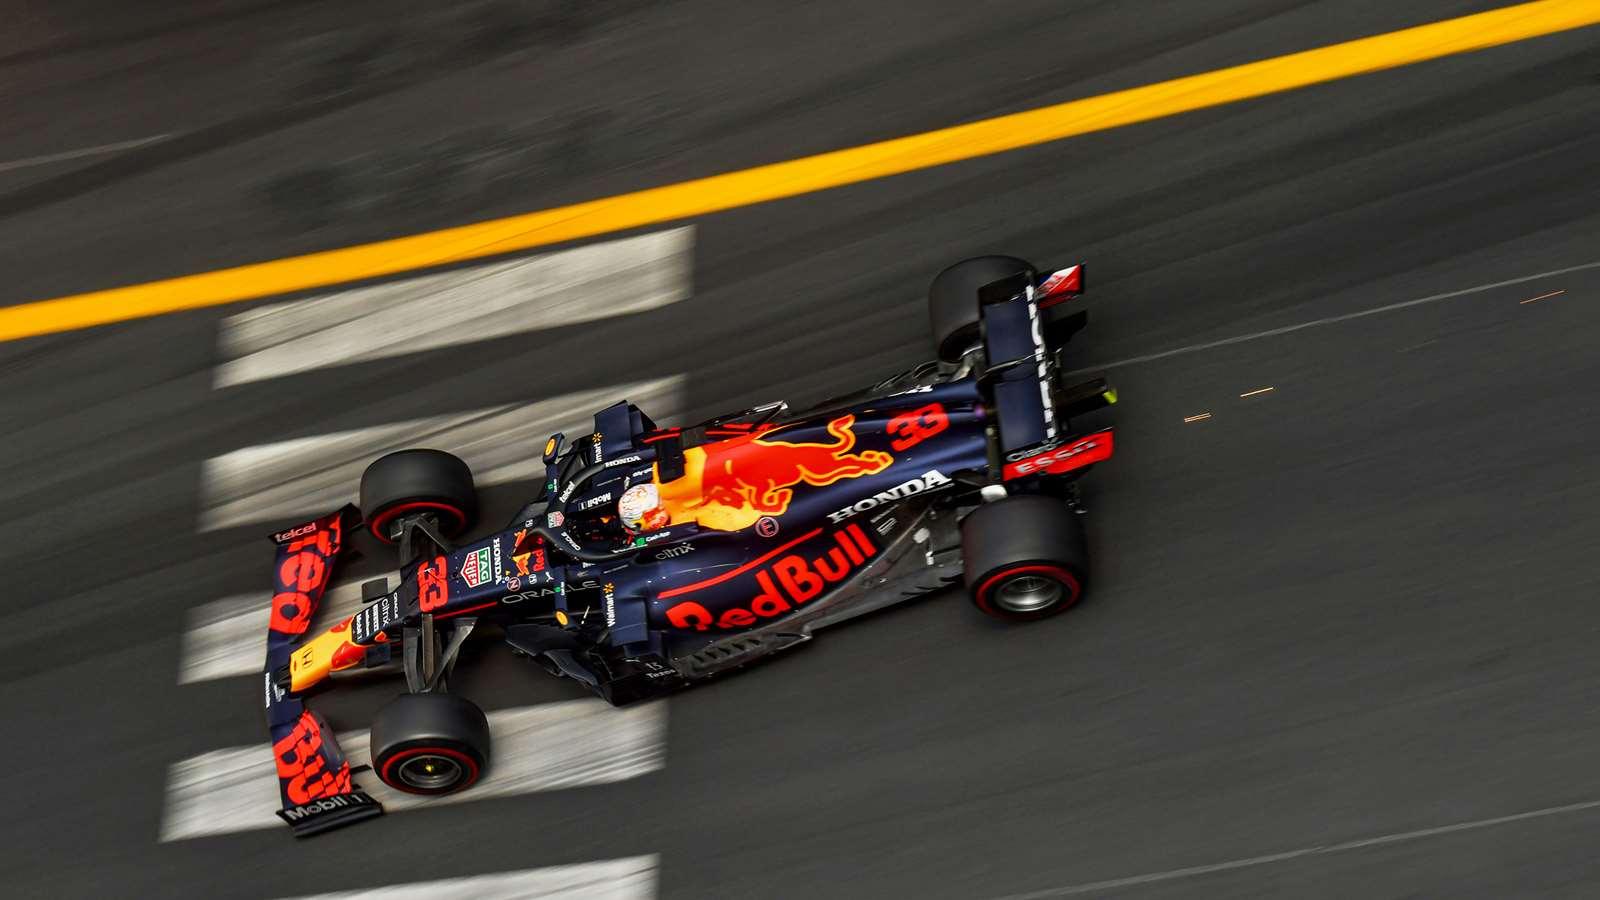 2021 Monaco Grand Prix, Max Verstappen, Red Bull